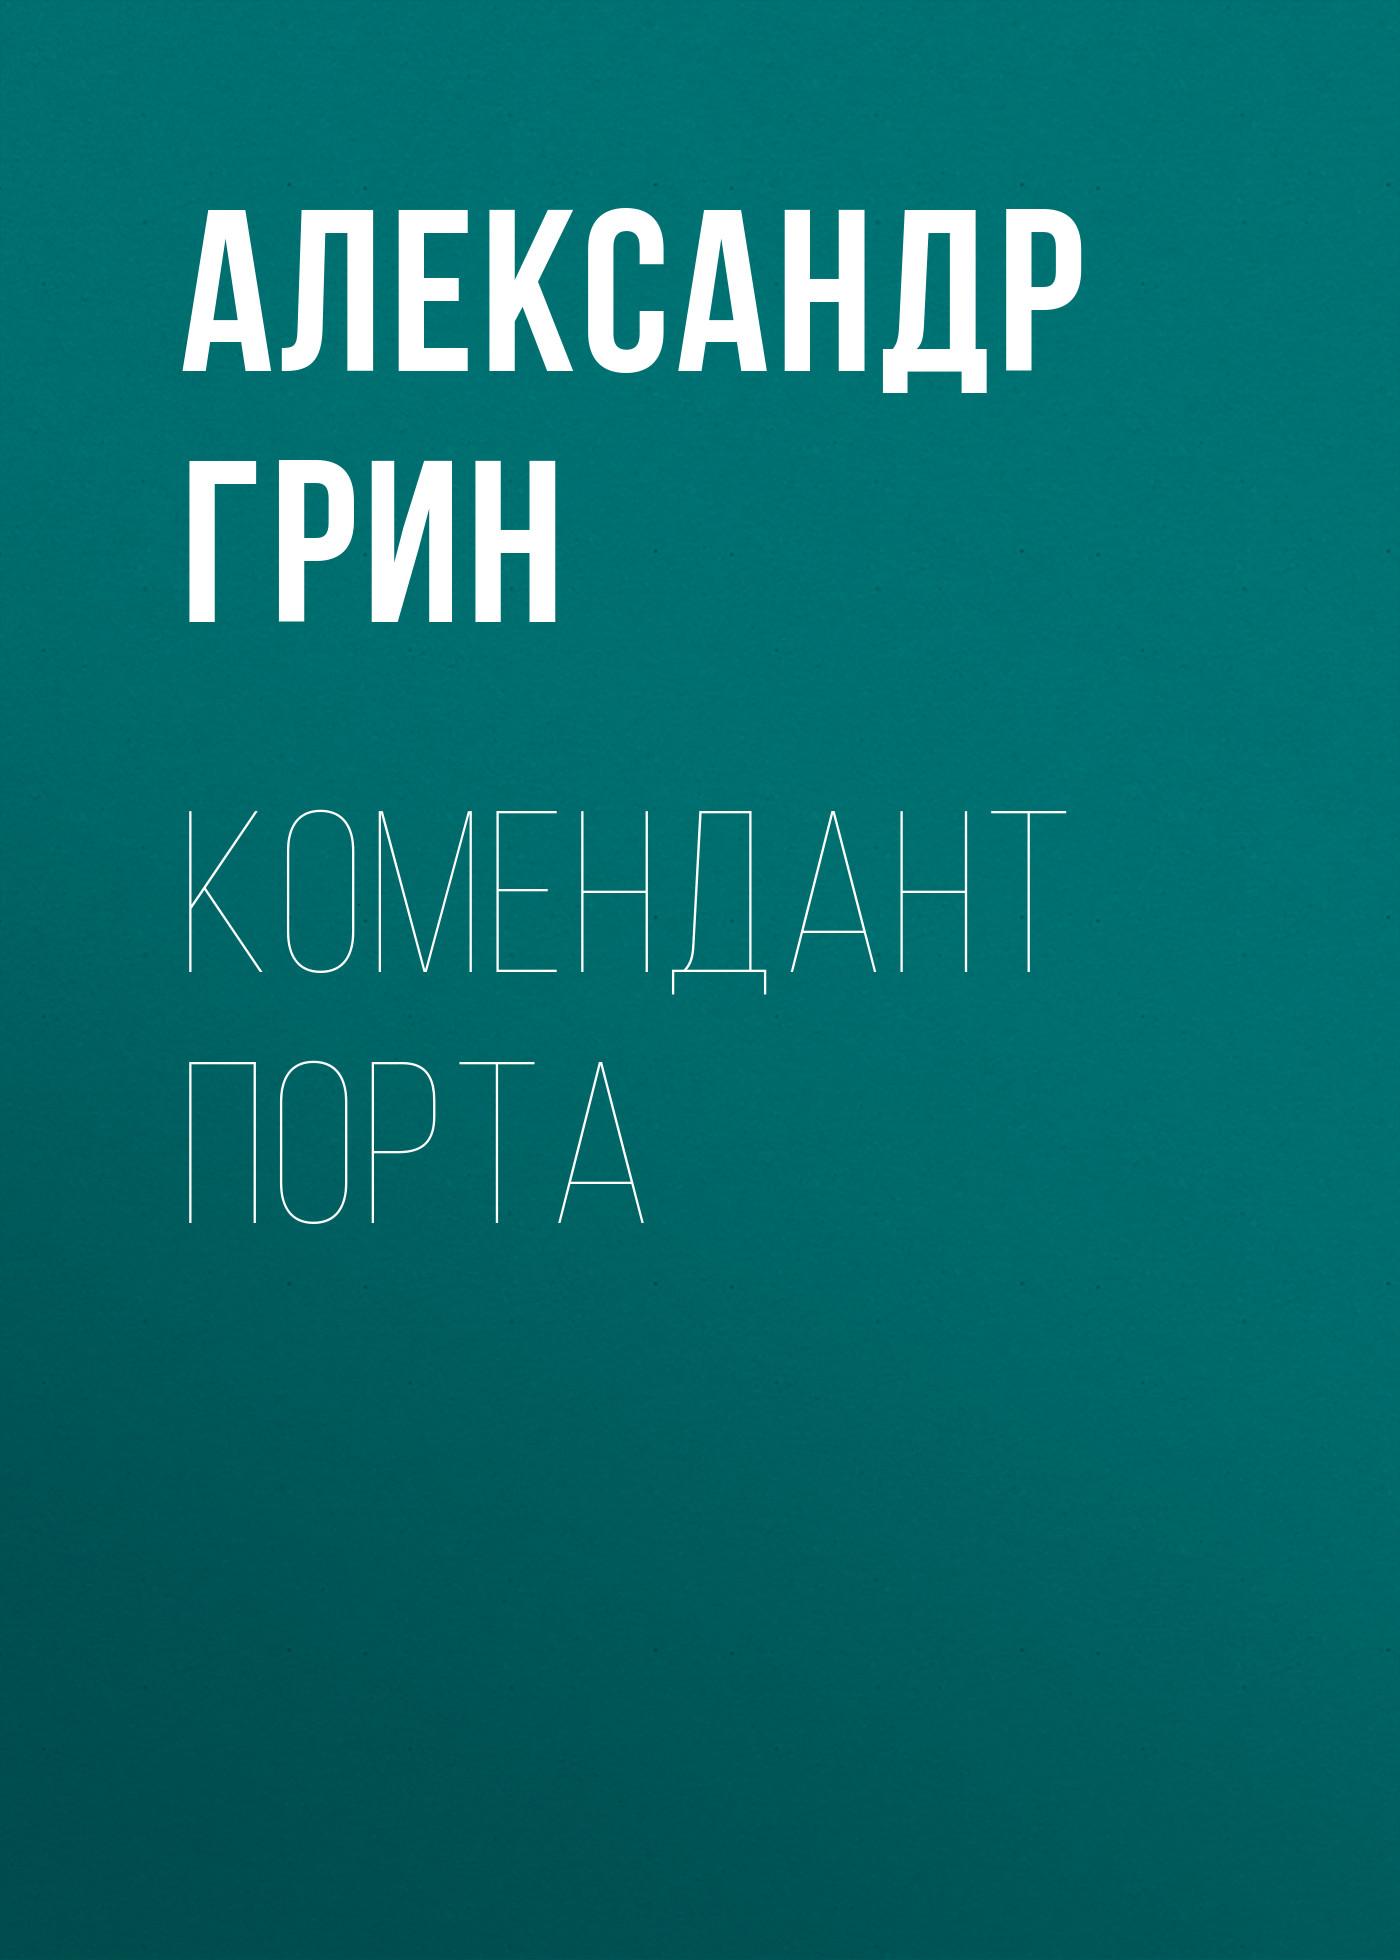 Купить книгу Комендант порта, автора Александра Грина